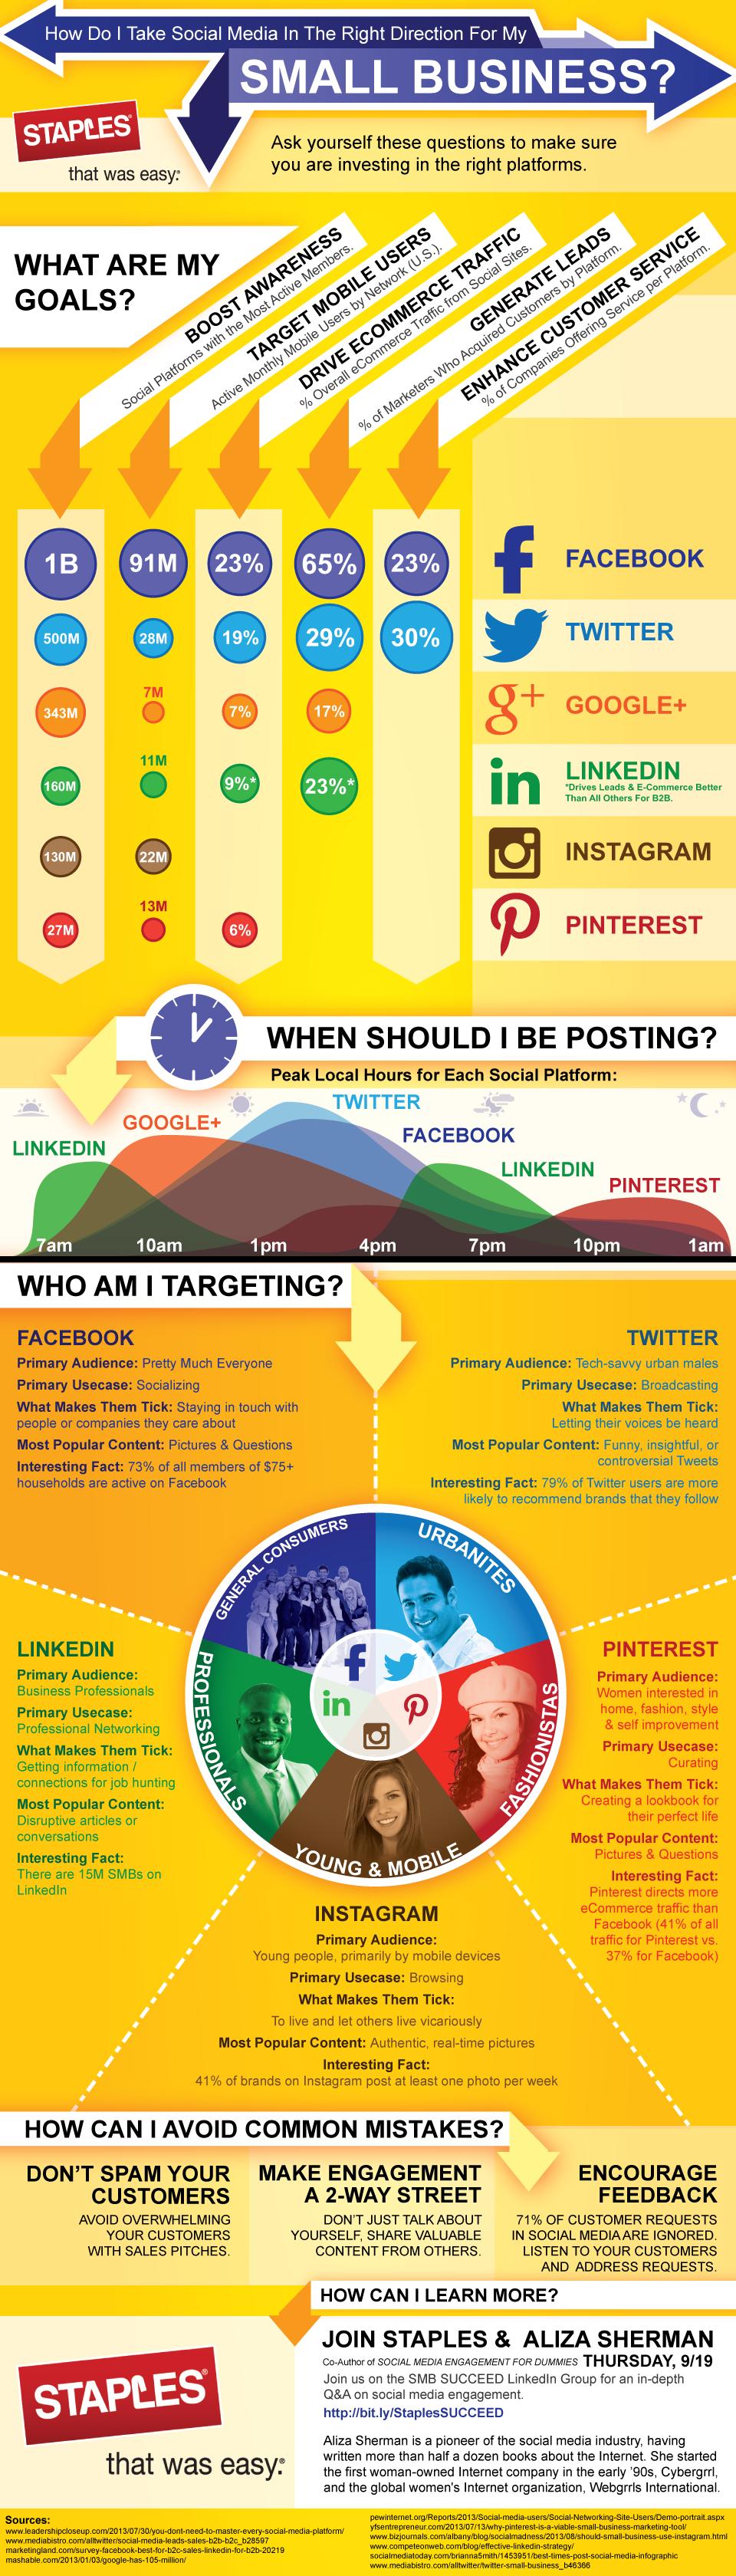 Staples Social Media Infographic